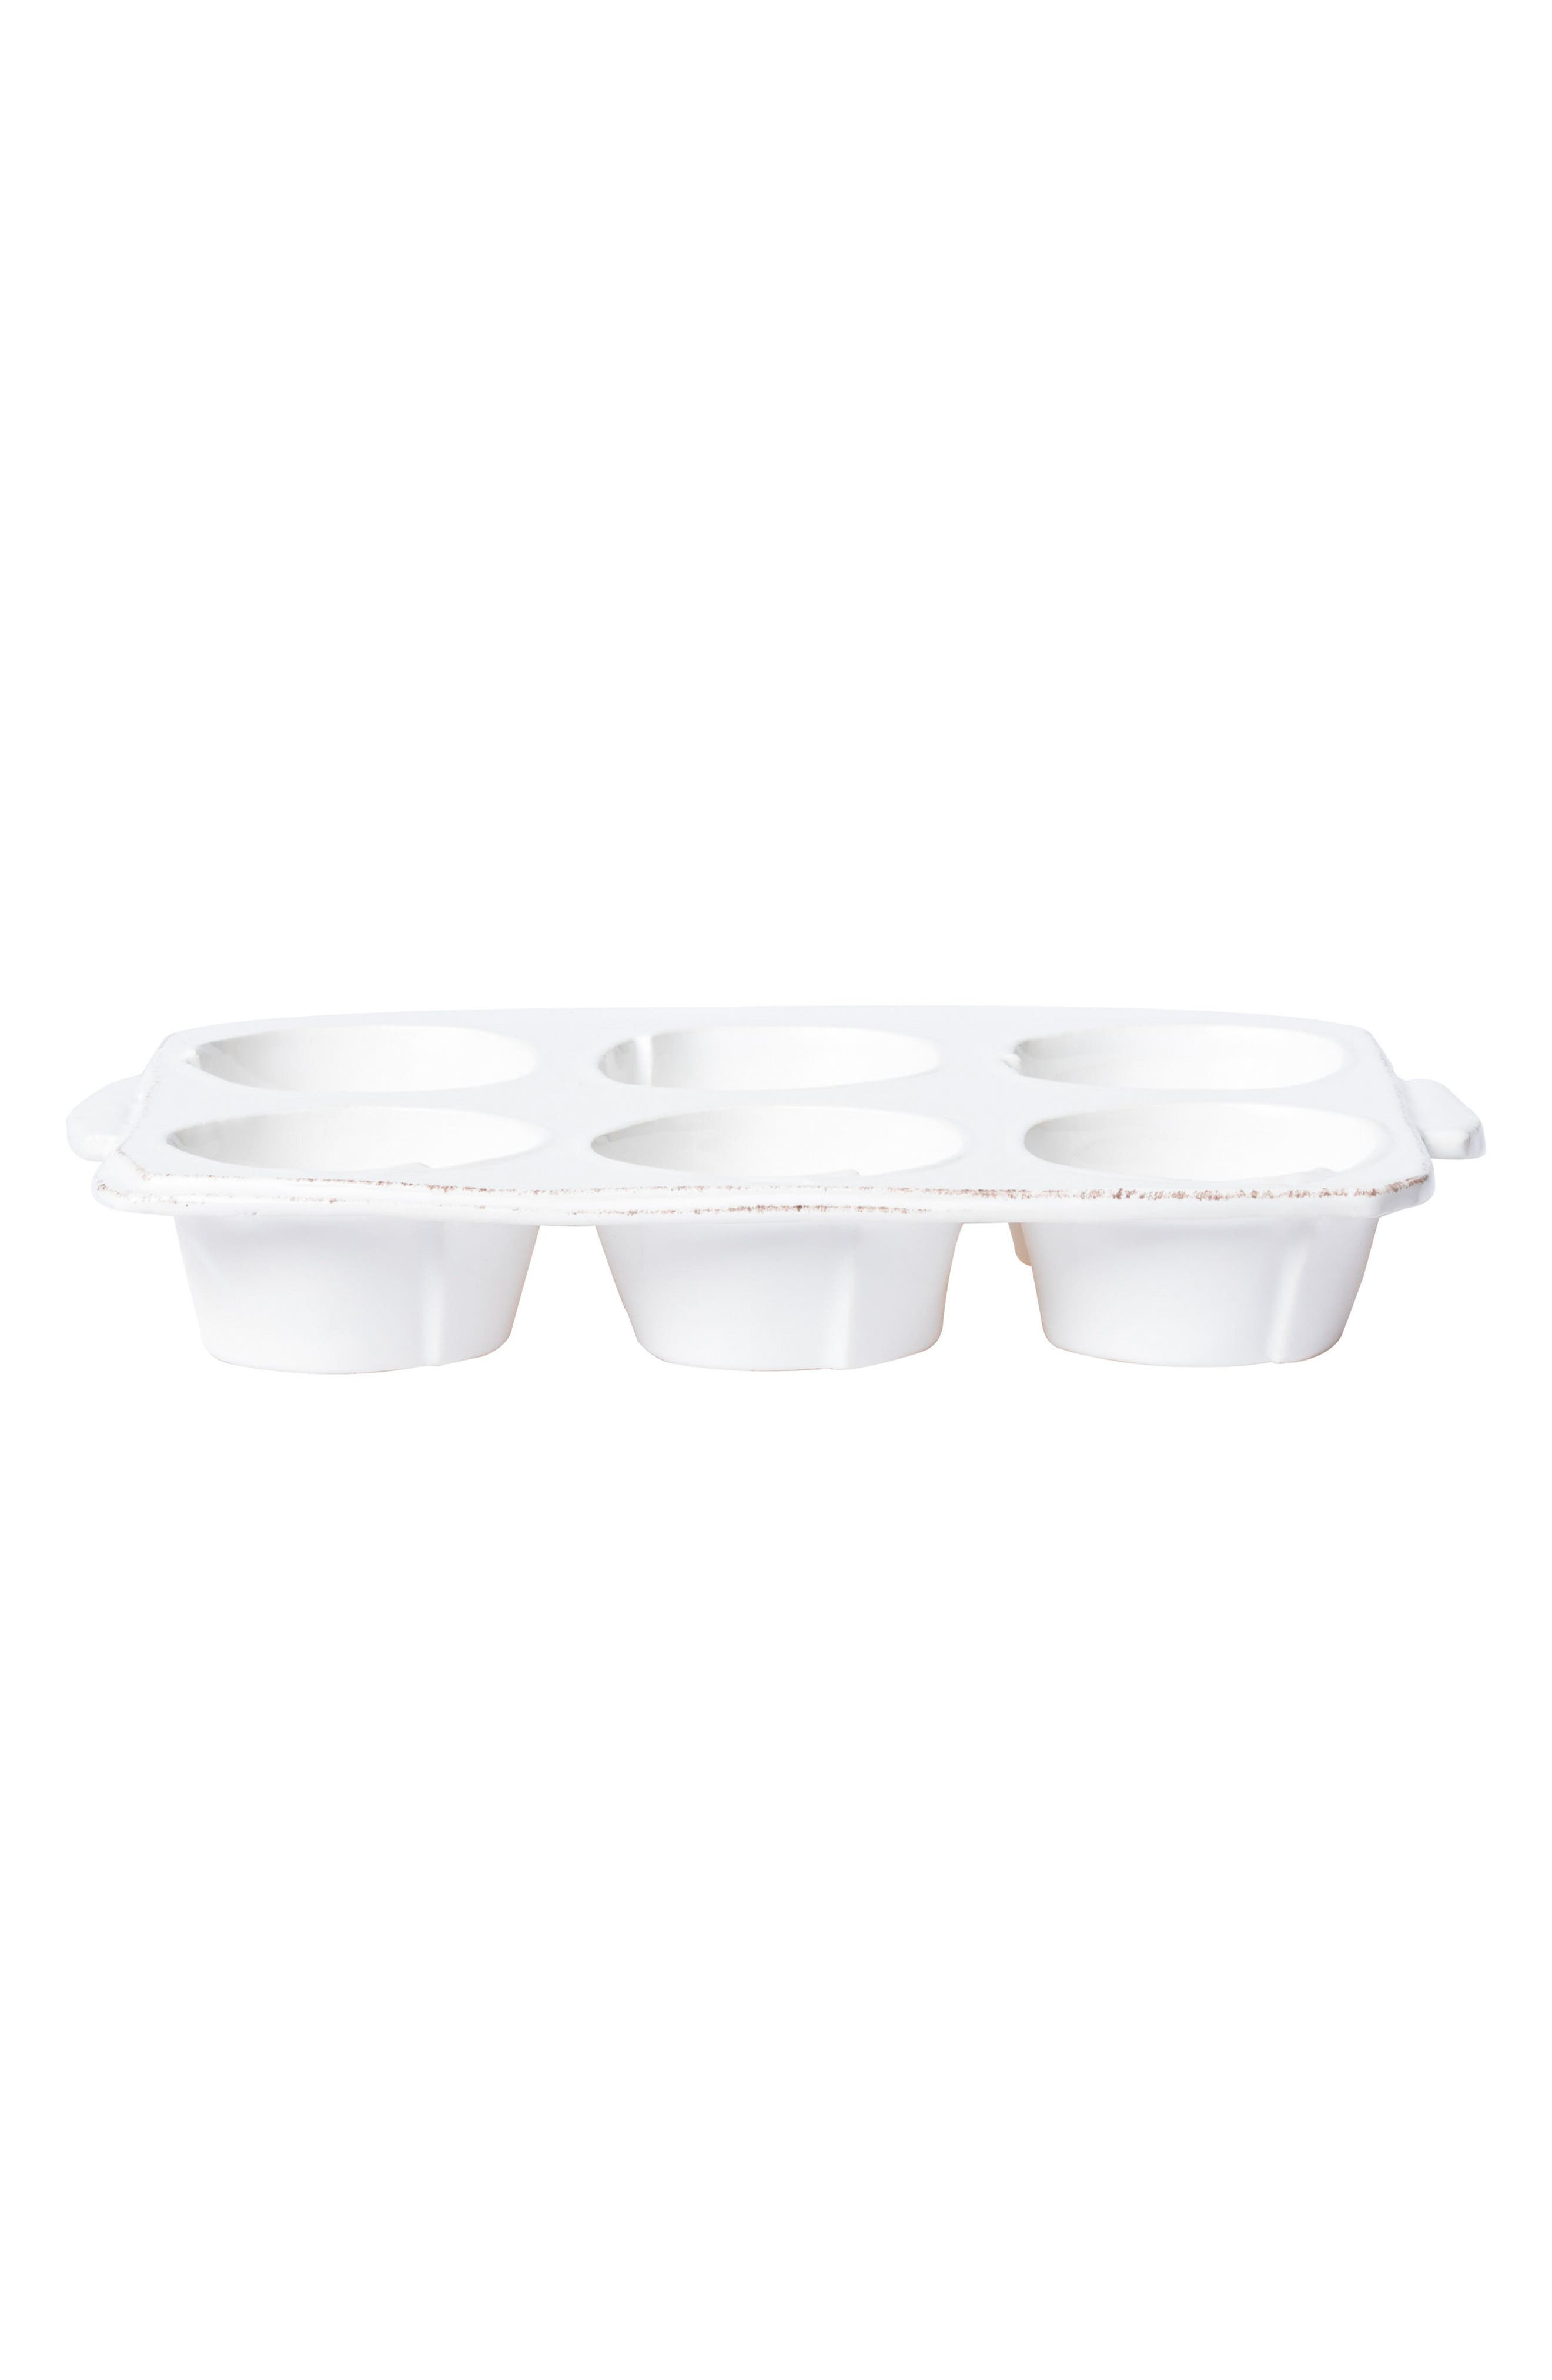 Lastra Stoneware Muffin Tray,                         Main,                         color, WHITE